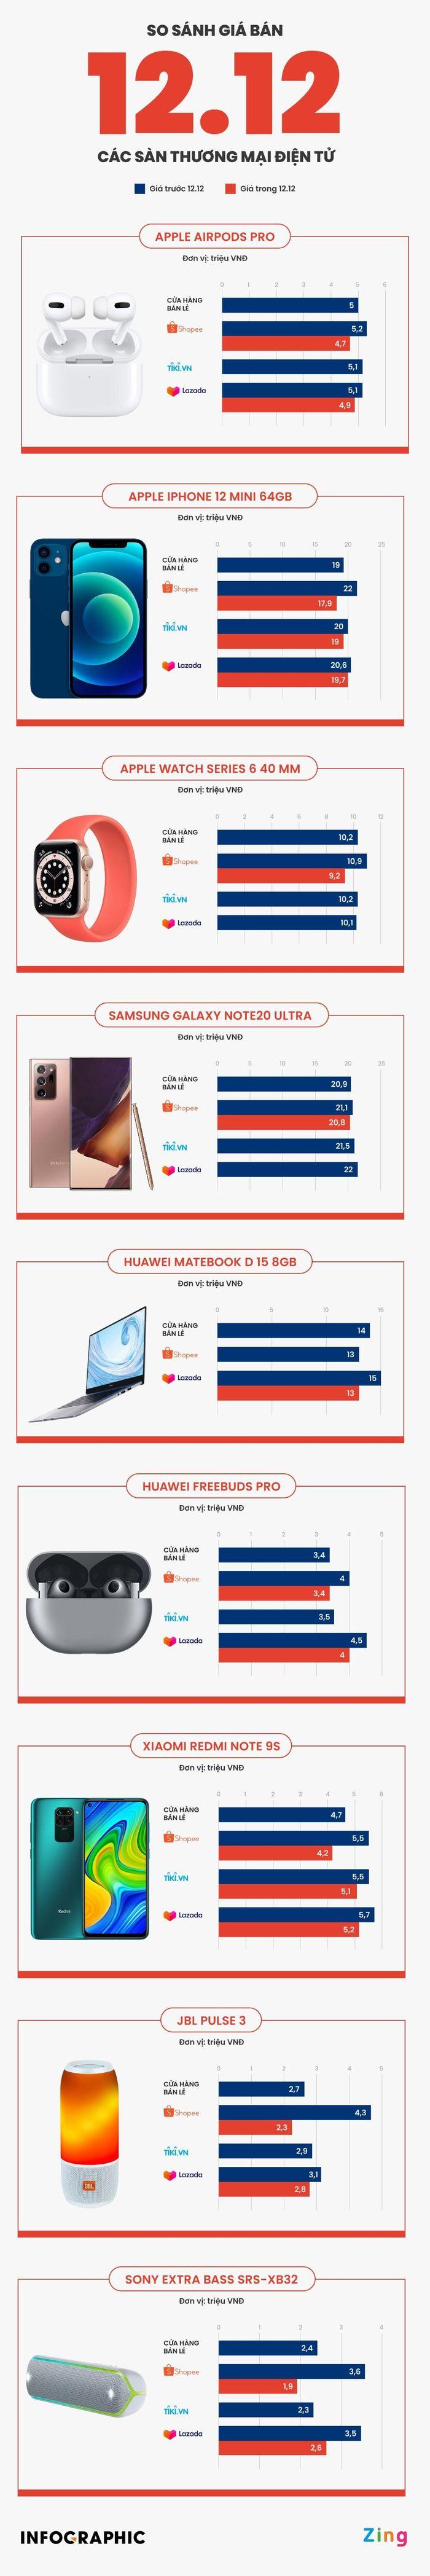 So giá iPhone 12 mini, AirPods Pro trên các sàn online ngày 12/12